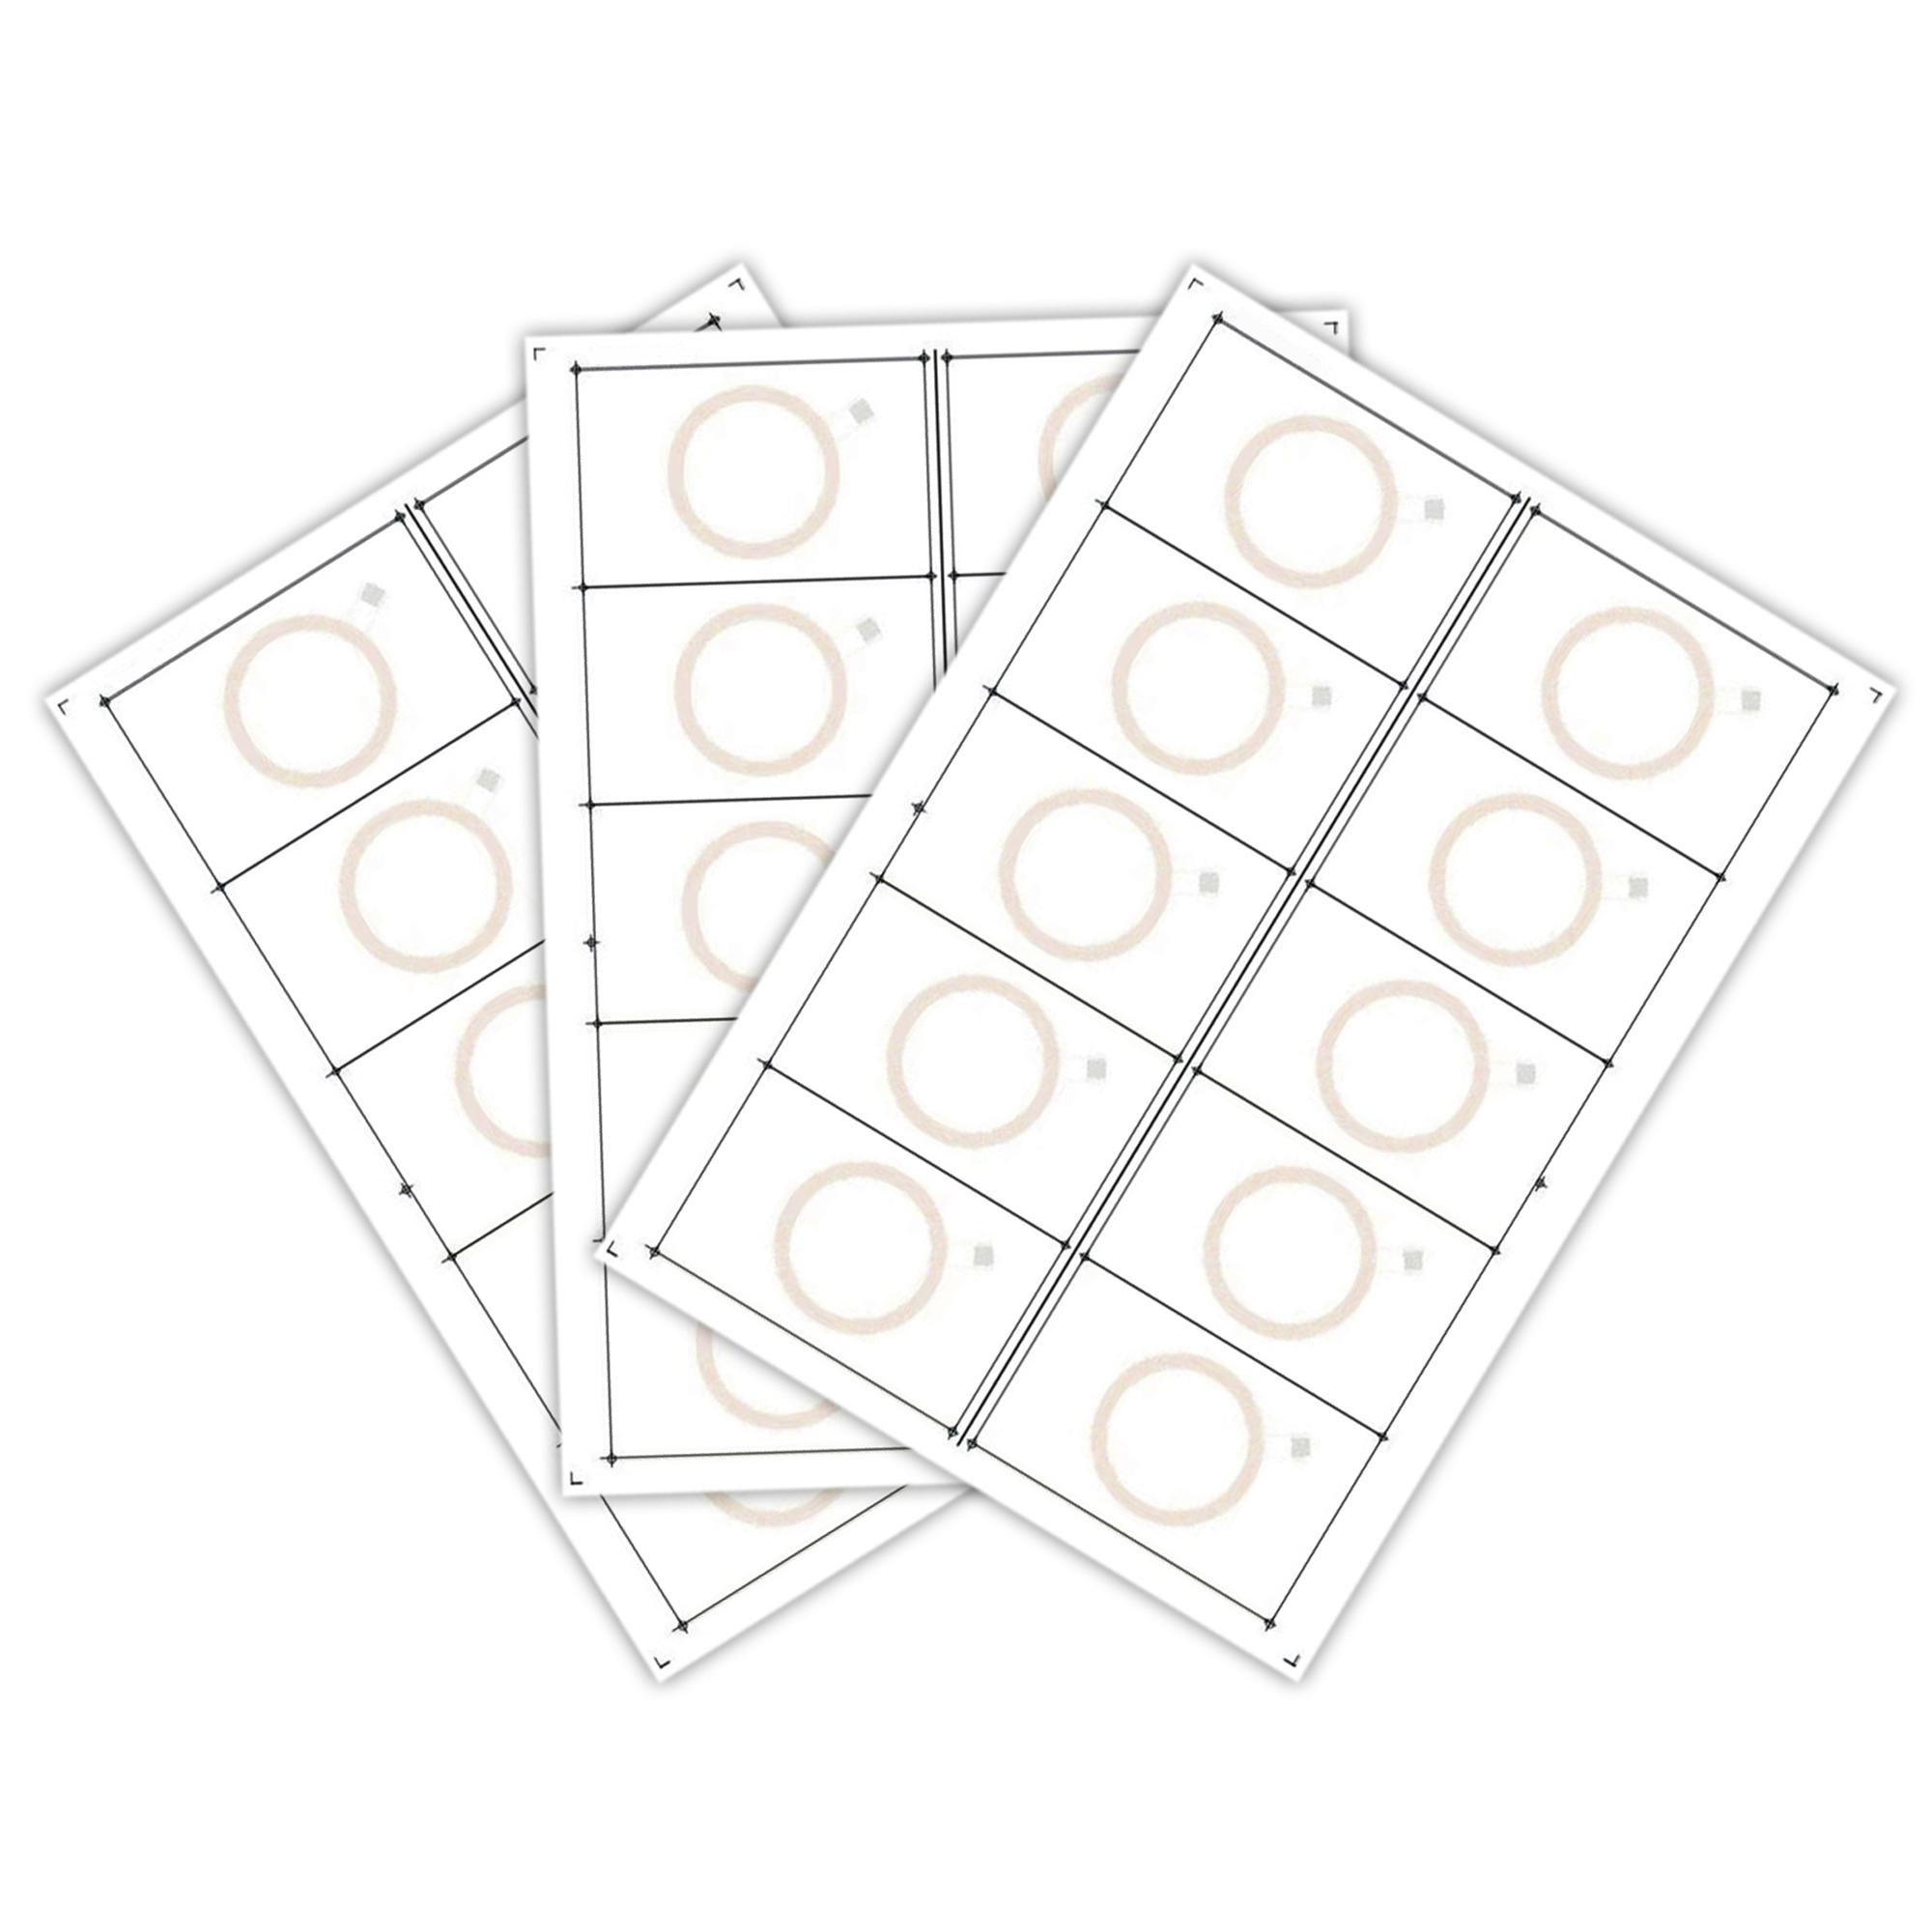 Сырье для производства бесконтактных пластиковых RFID-карт с чипом Atmel (Temic) T5557, T5577 (10 чипов на листе формата A4)